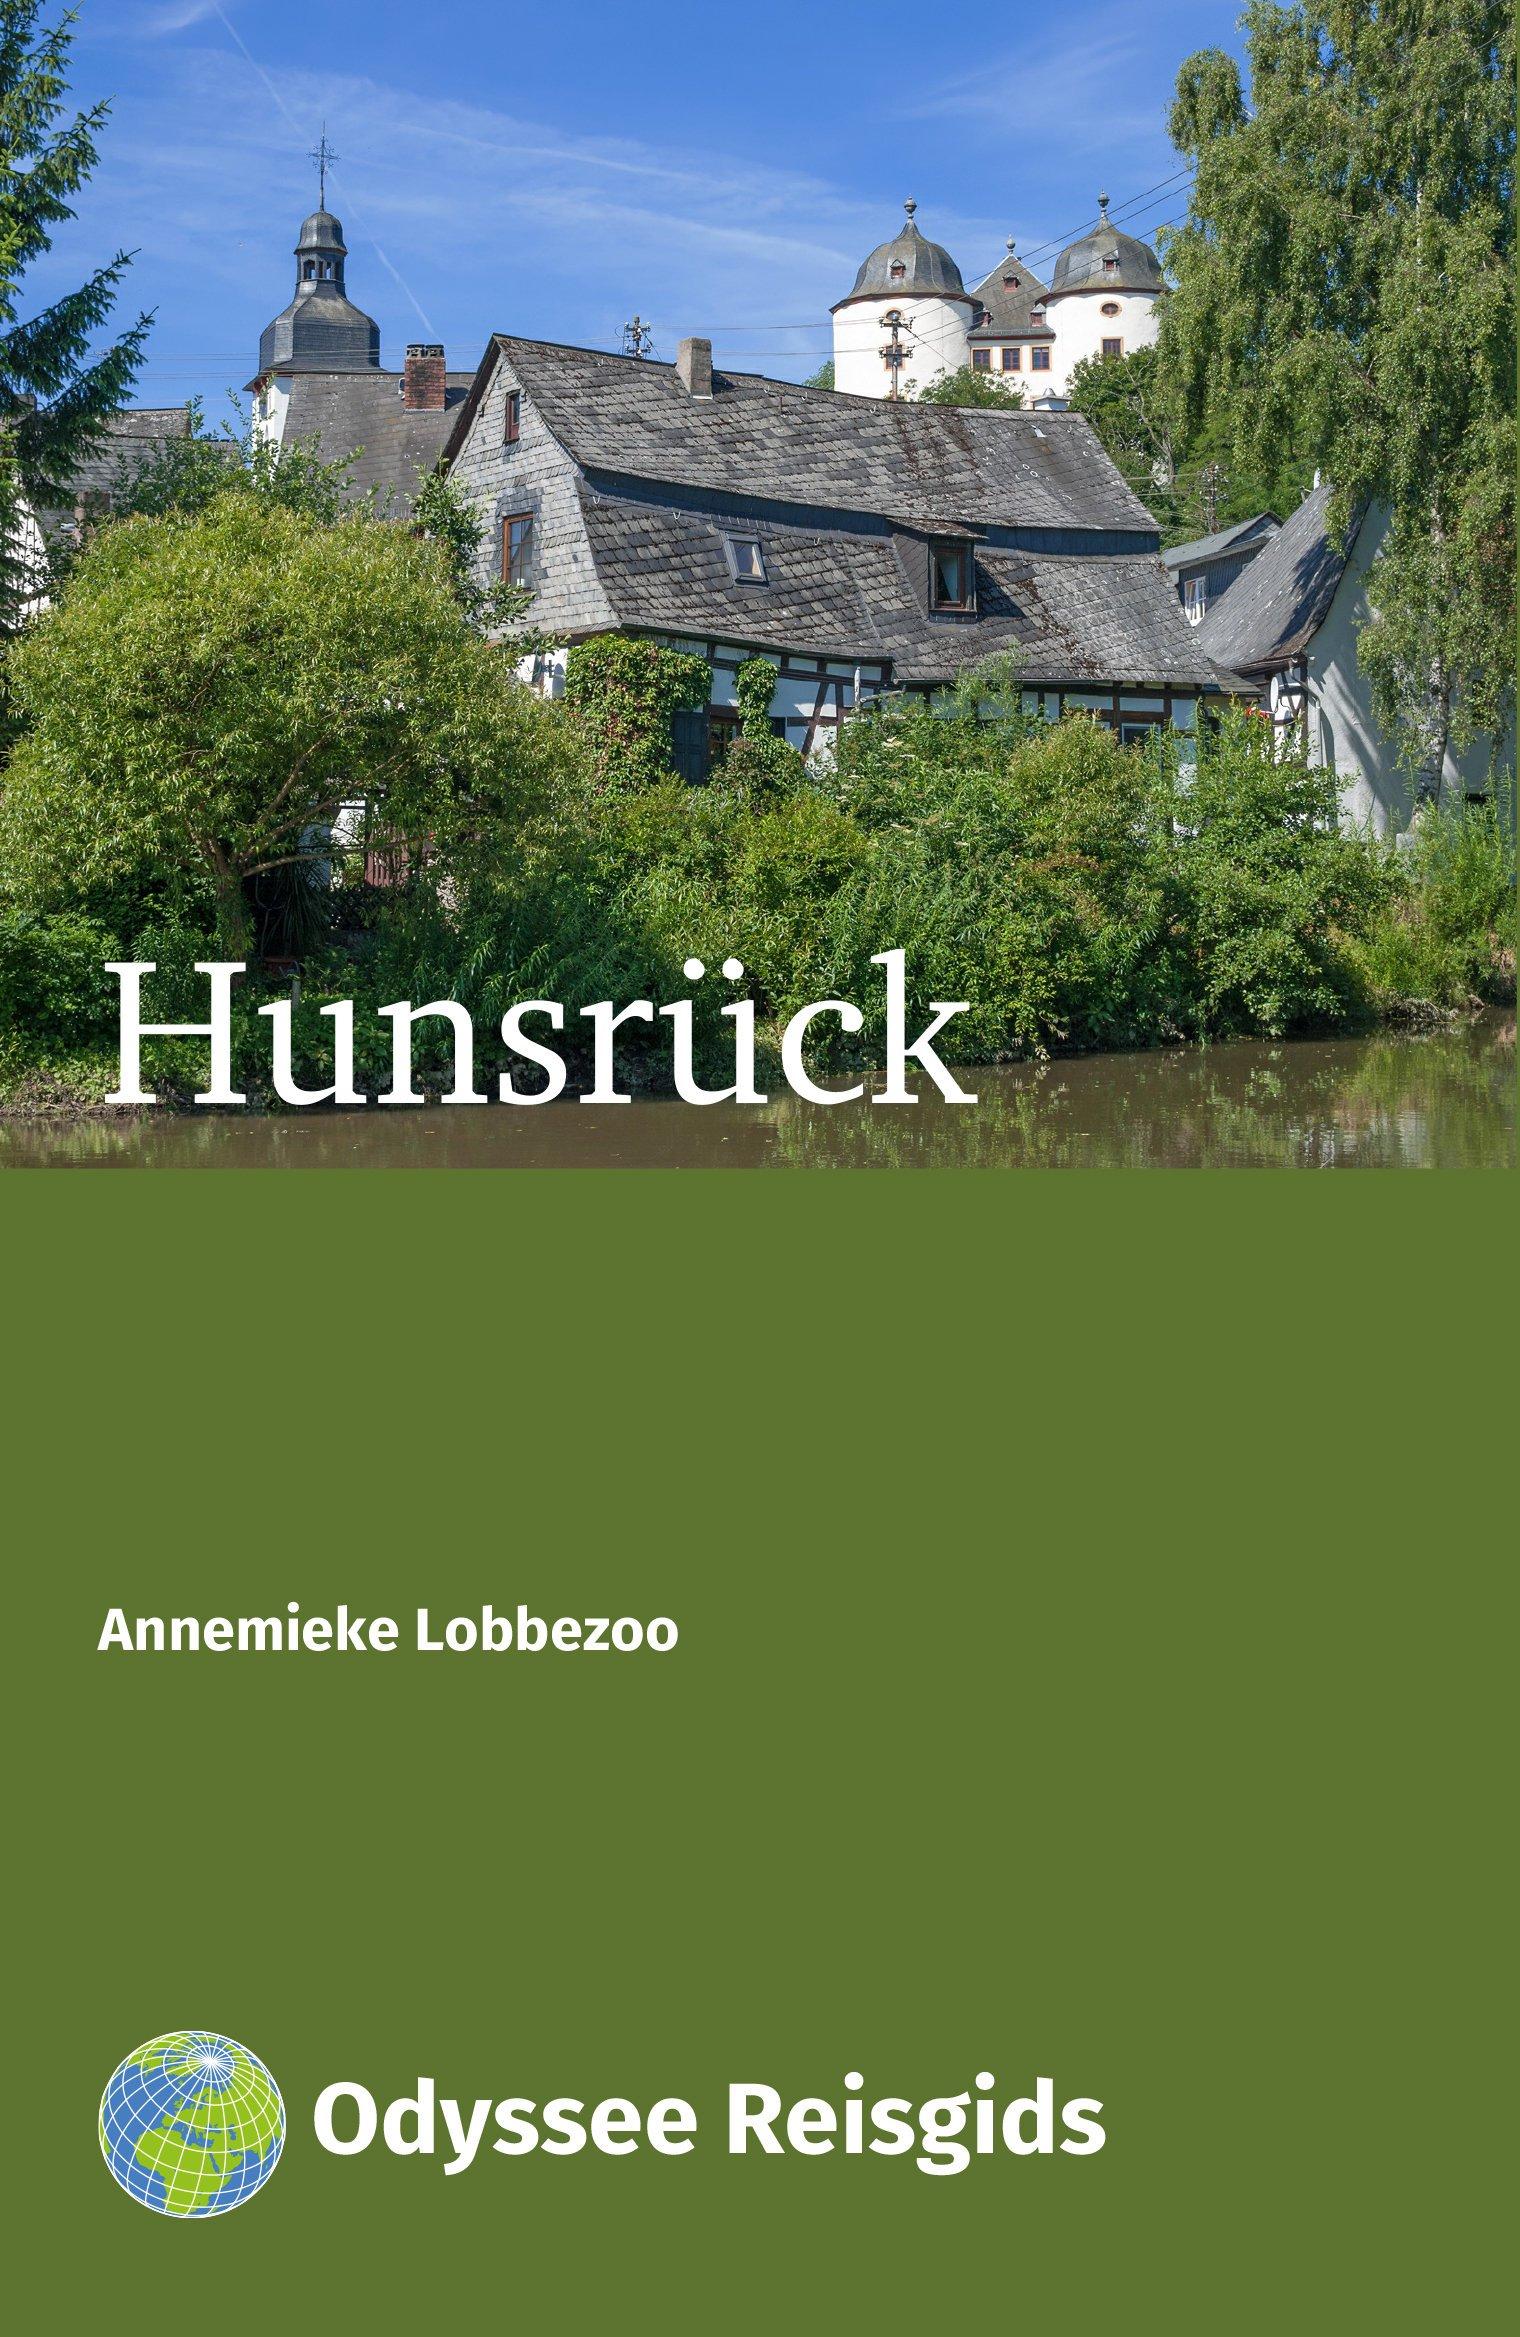 Hunsrück | Odyssee reisgids 9789461230614  Odyssee   Reisgidsen Saarland, Hunsrück